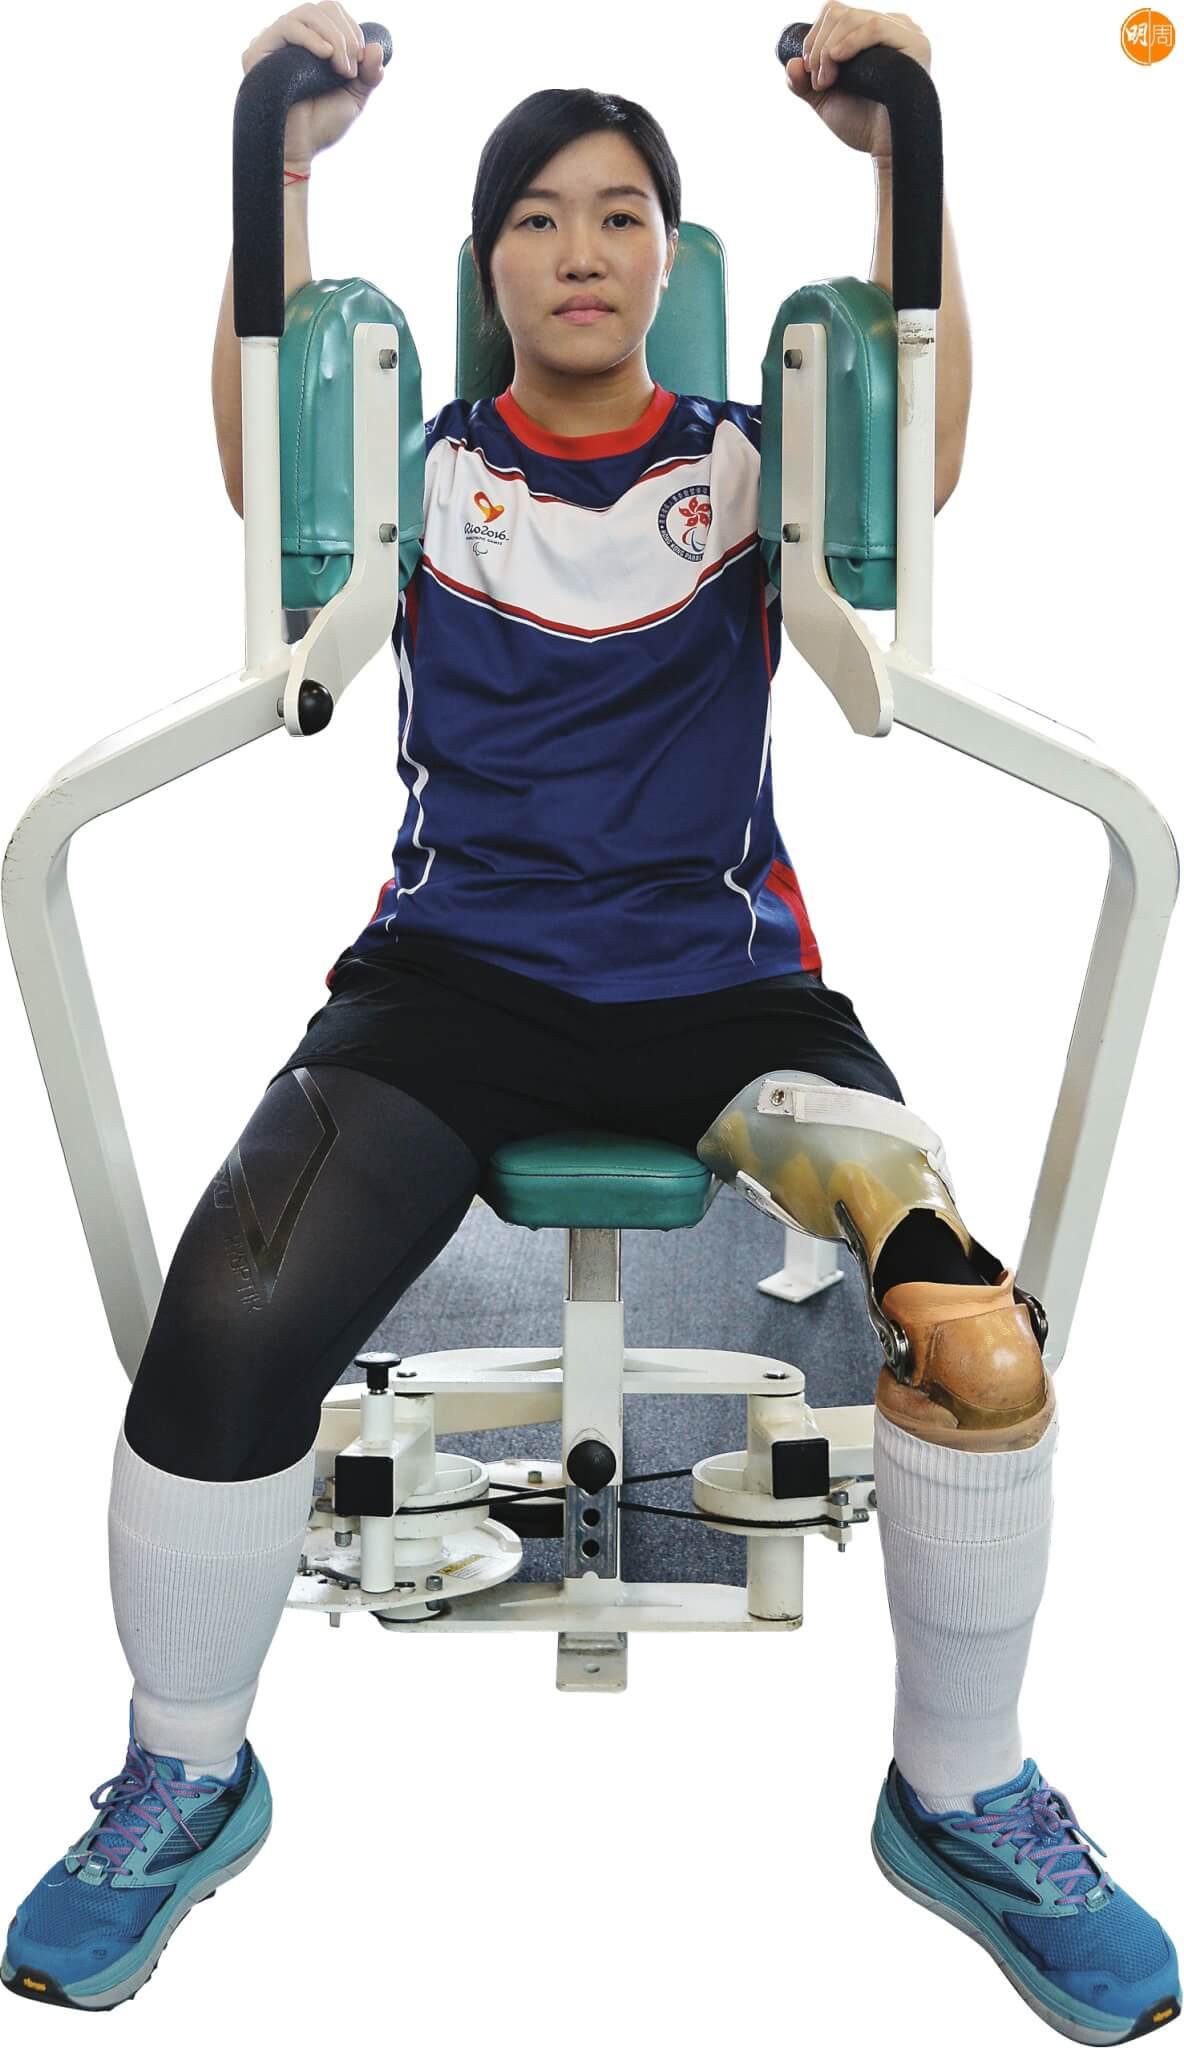 器械訓練能增強翠怡上半身、手臂的肌肉。